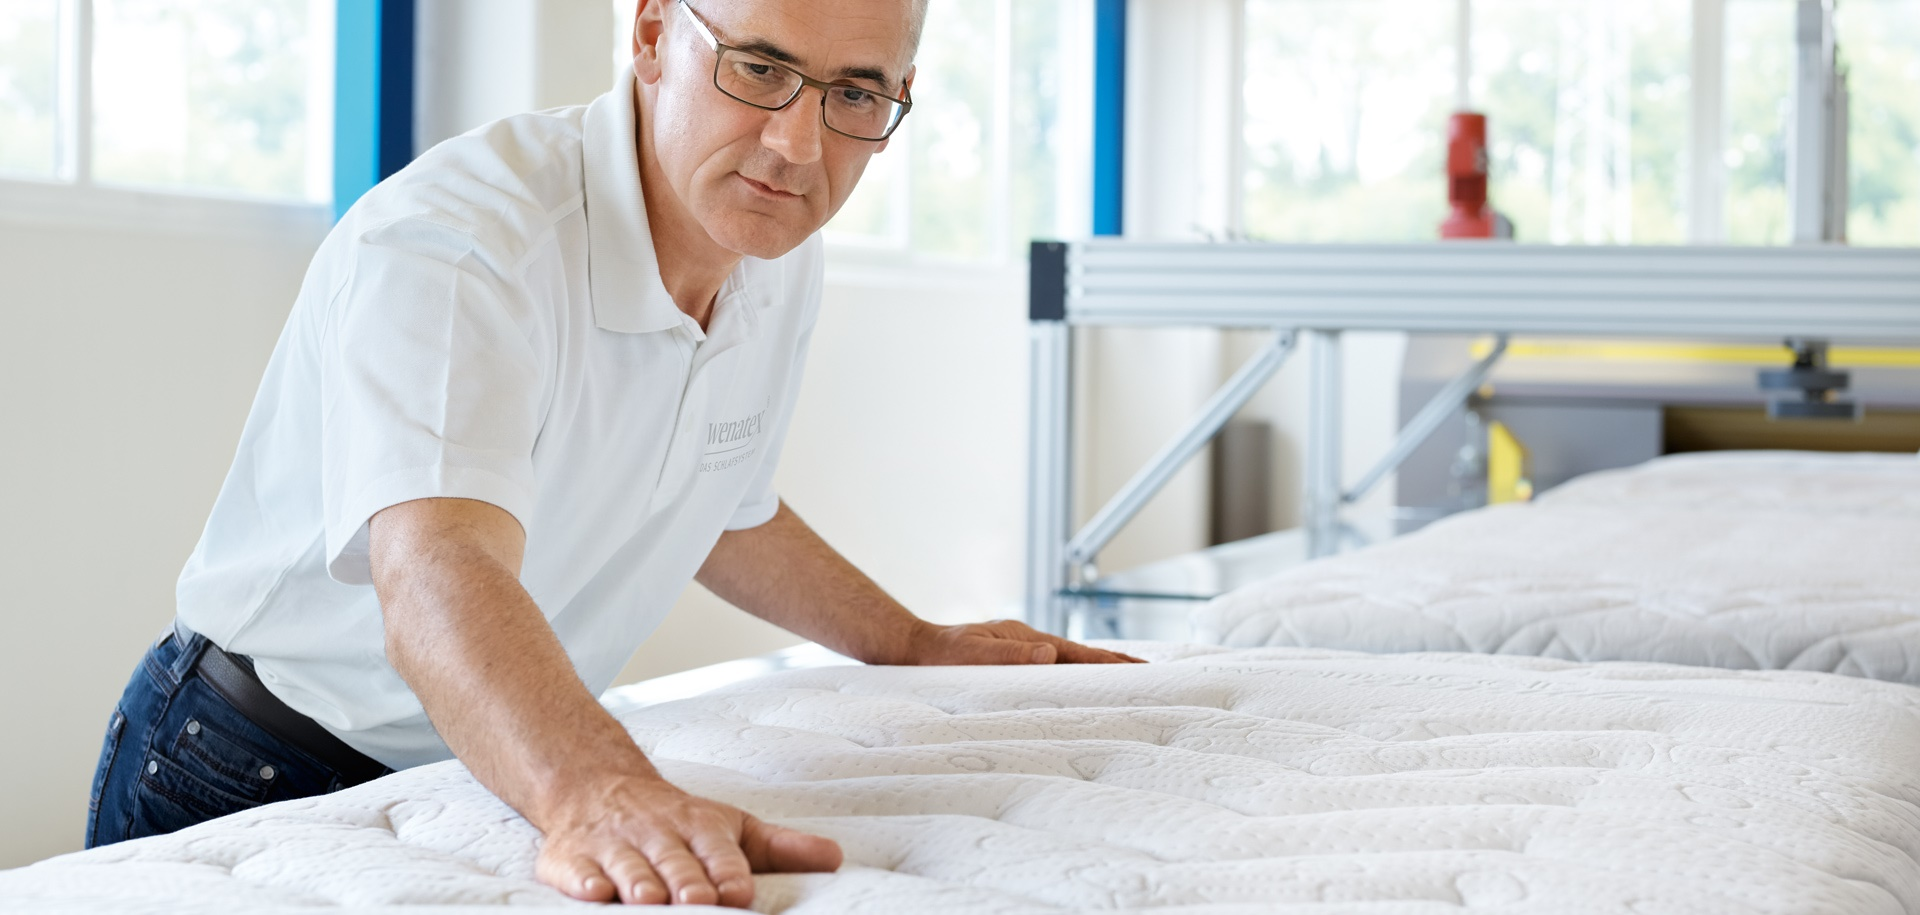 Qualitätssicherung in der Wenatex Produktion